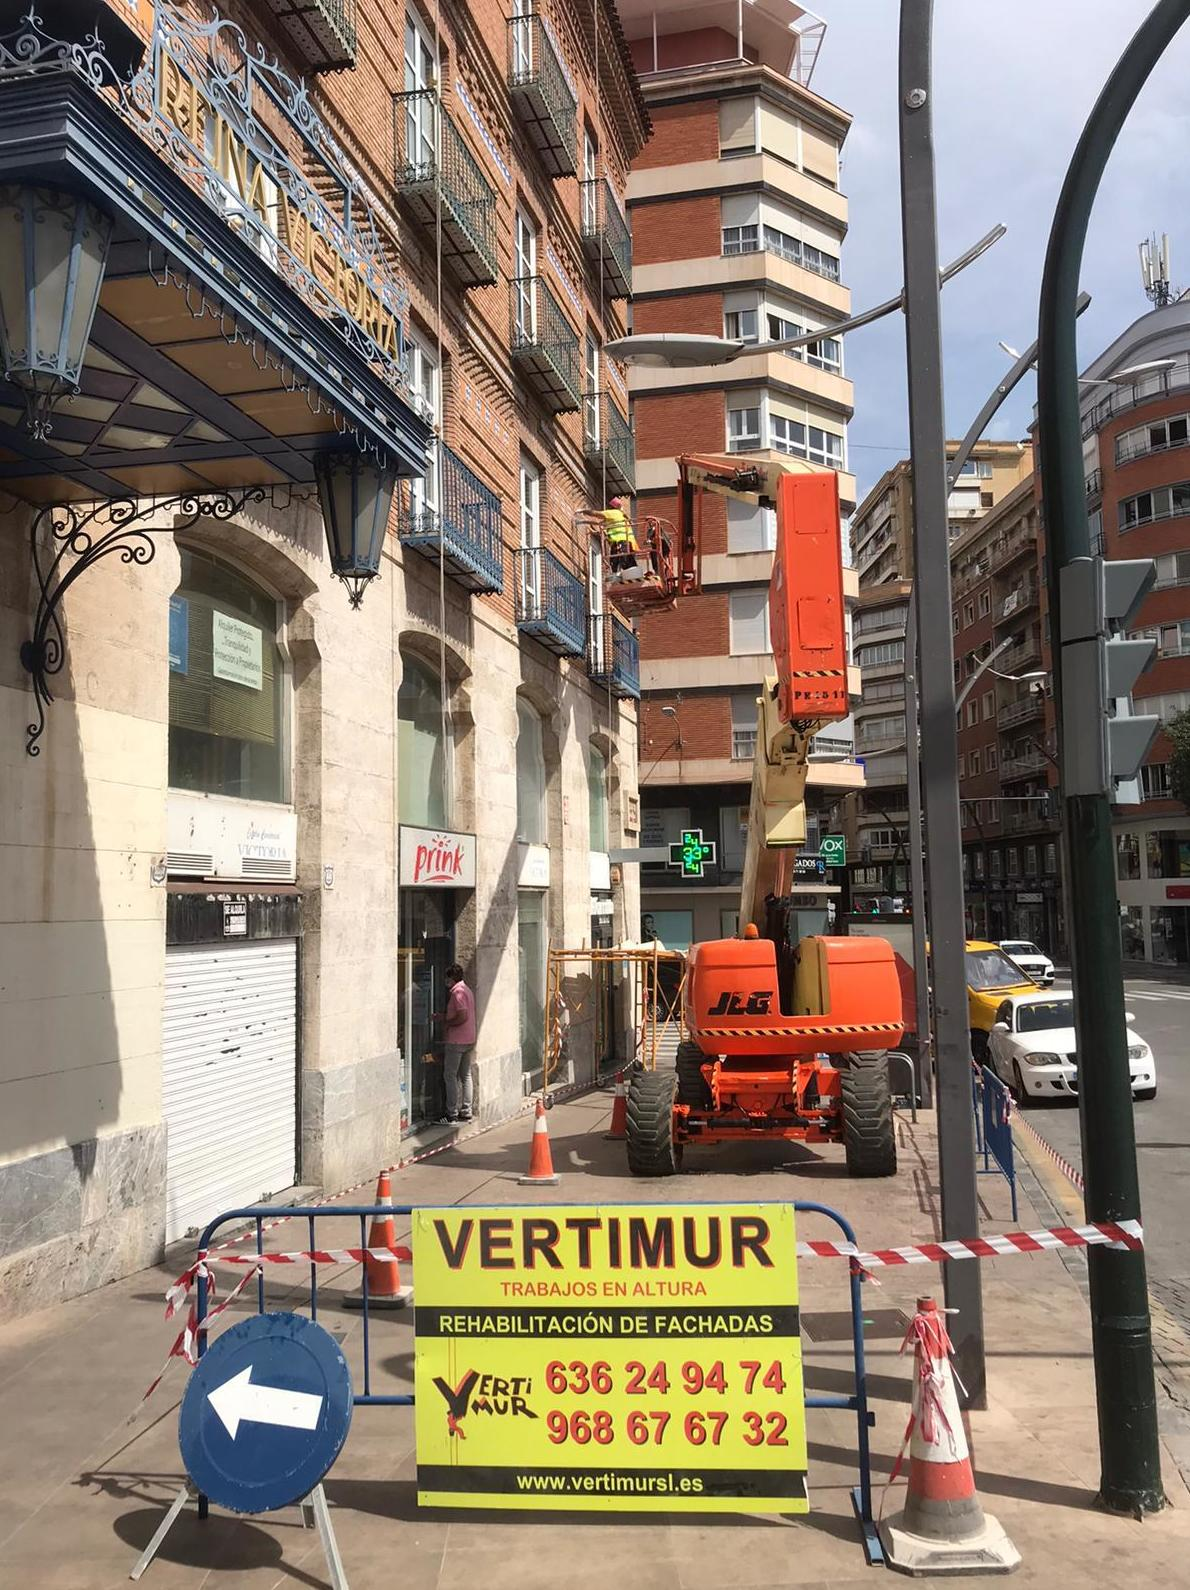 Vertimur trabajos de fachadas en Murcia